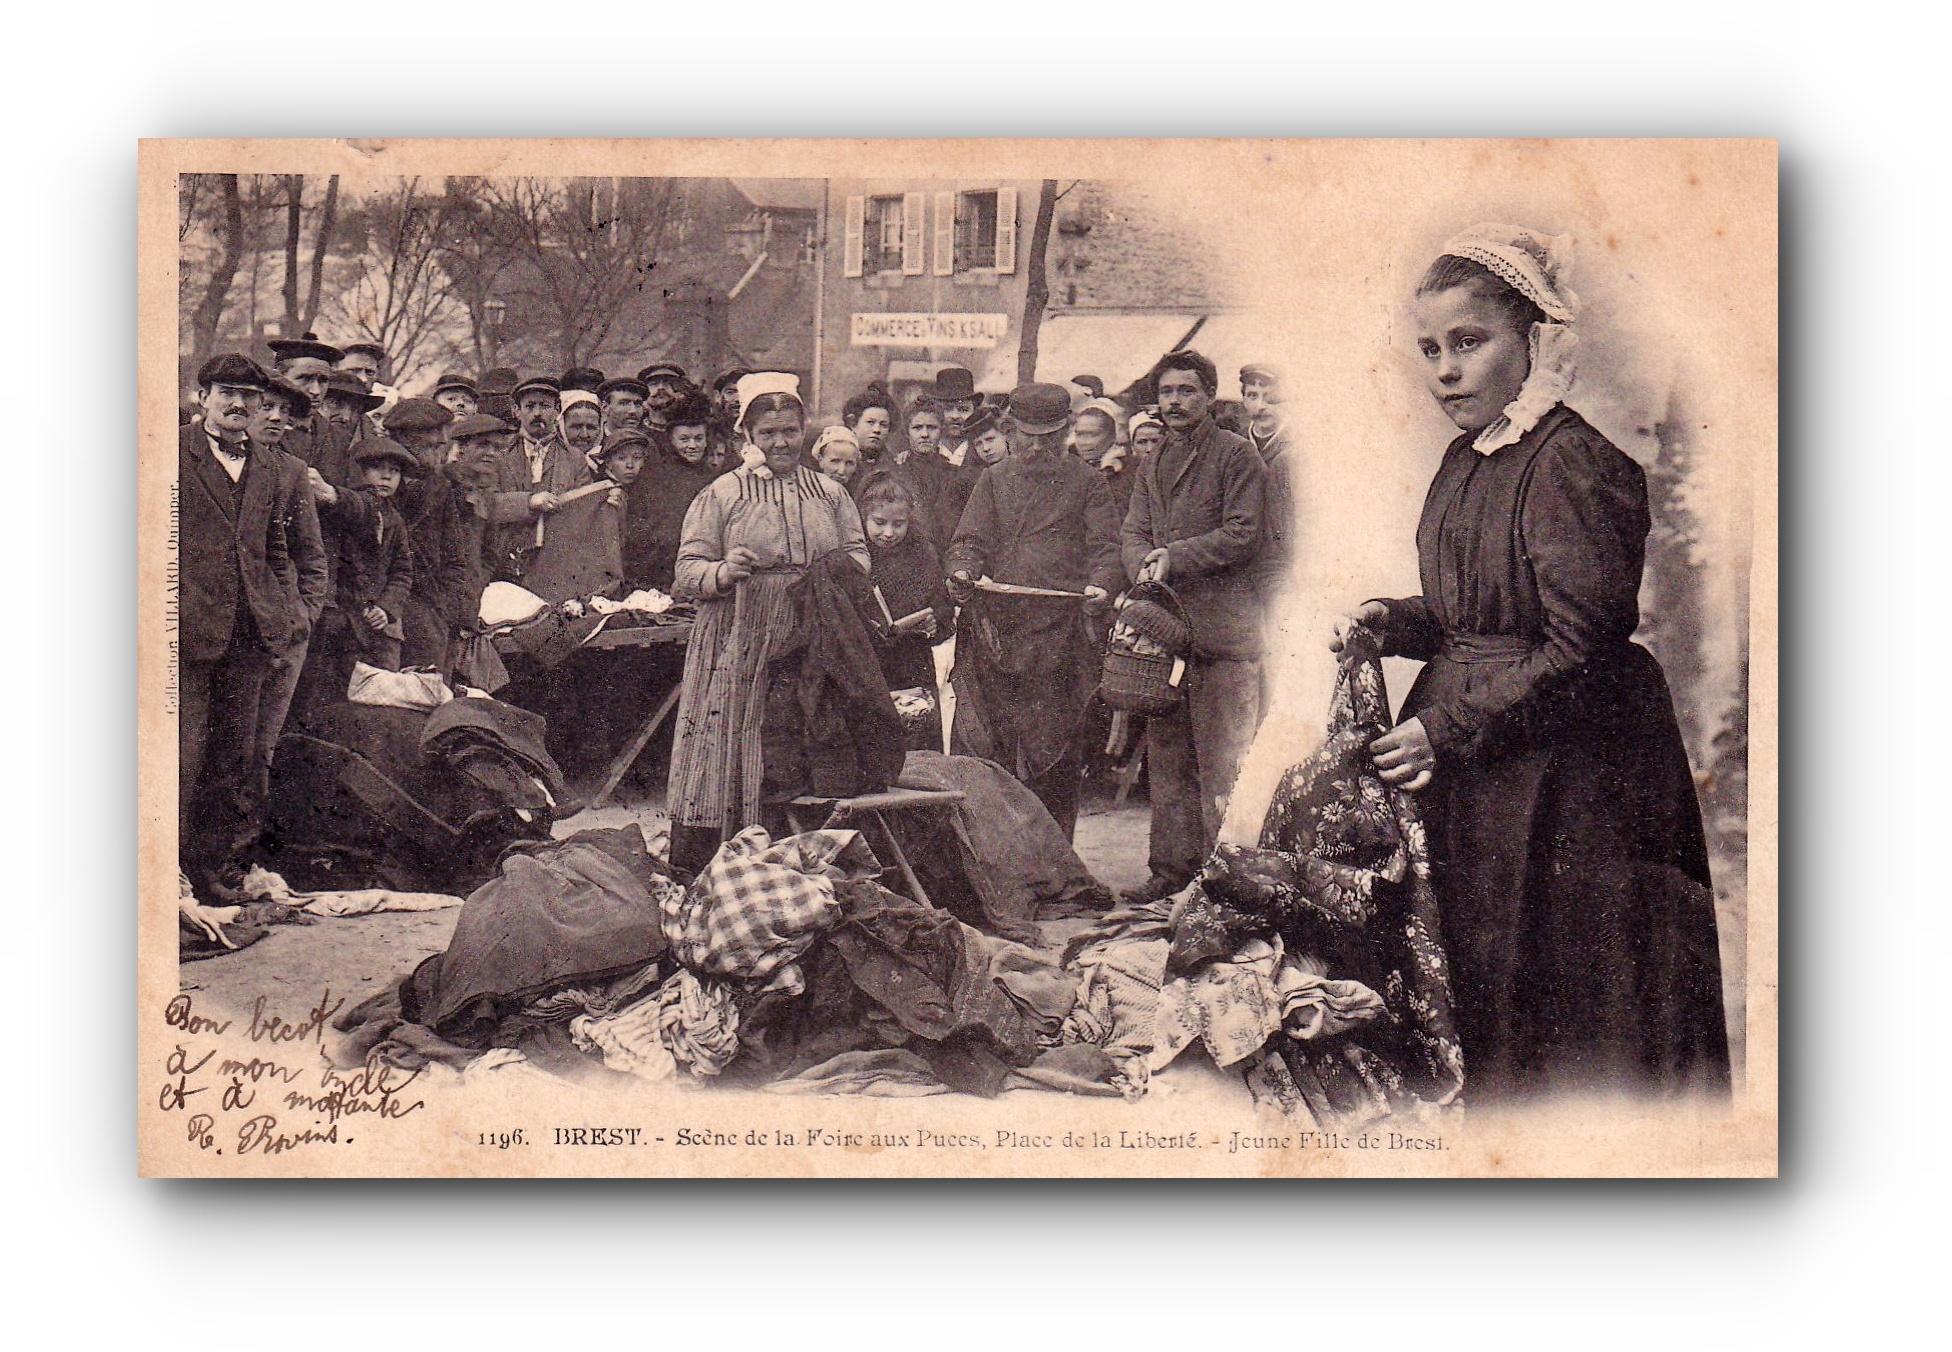 BREST - Flohmarkt - Marché aux puces - Flea market - 18.03.1904